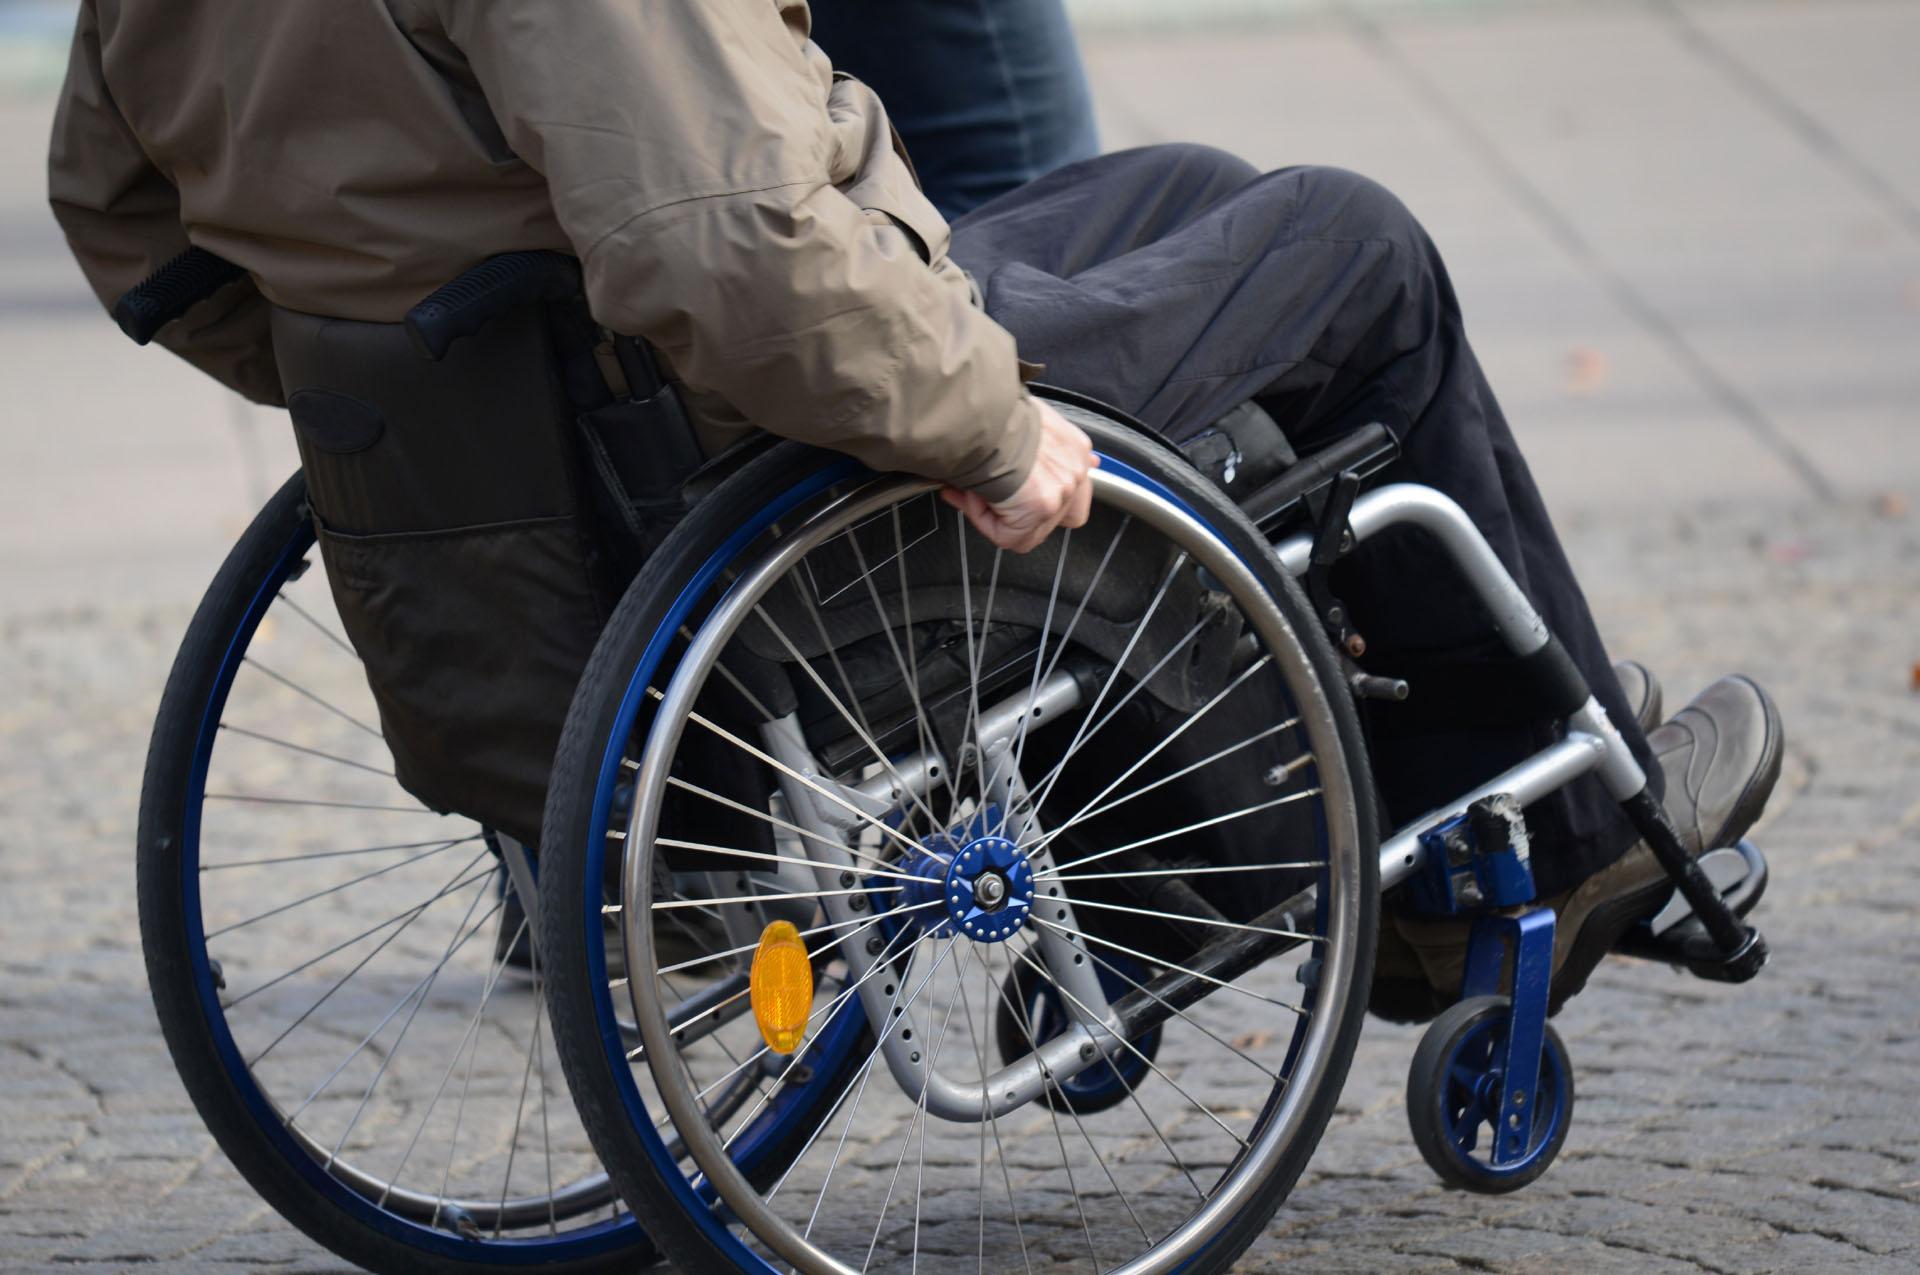 Accompagnement aux personnes handicapées par Famille-Services